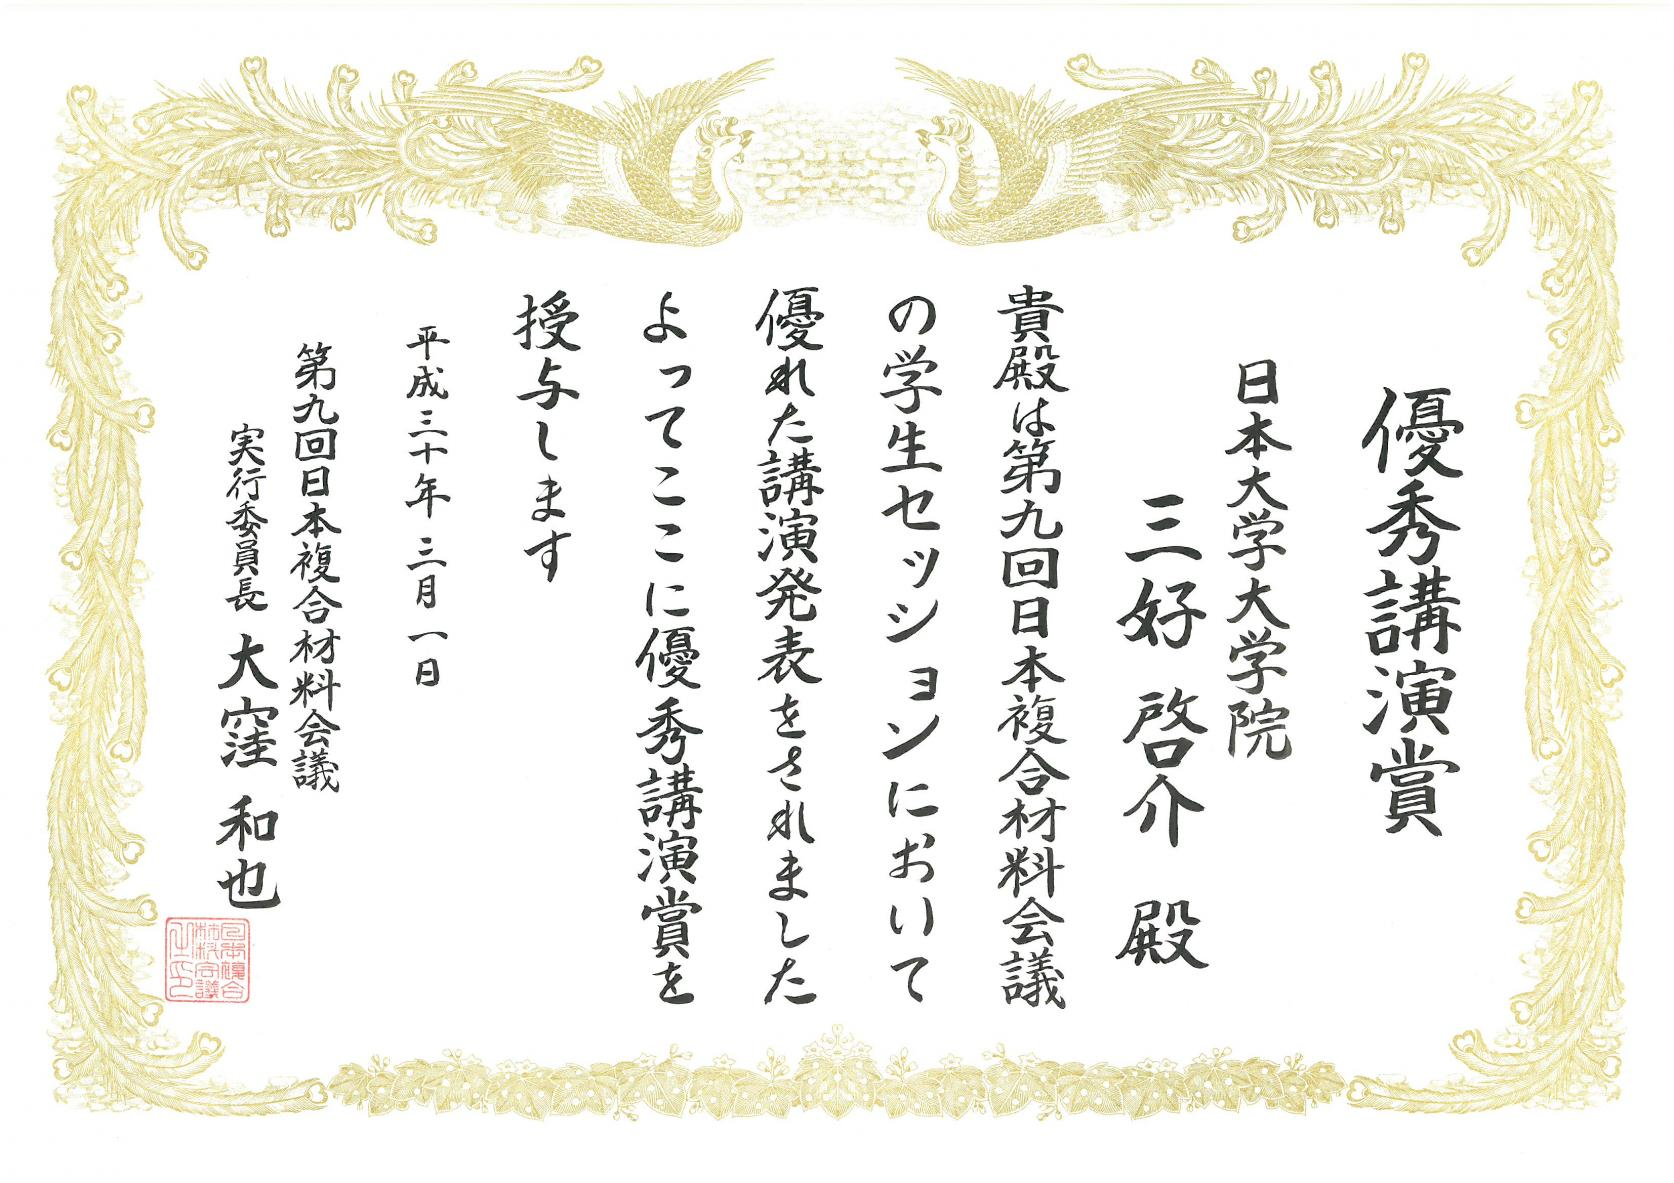 「第9回日本複合材料会議」において、機械工学専攻1年の高橋拓也さんが最優秀講演賞、三好啓介さんが優秀講演賞を受賞しました。